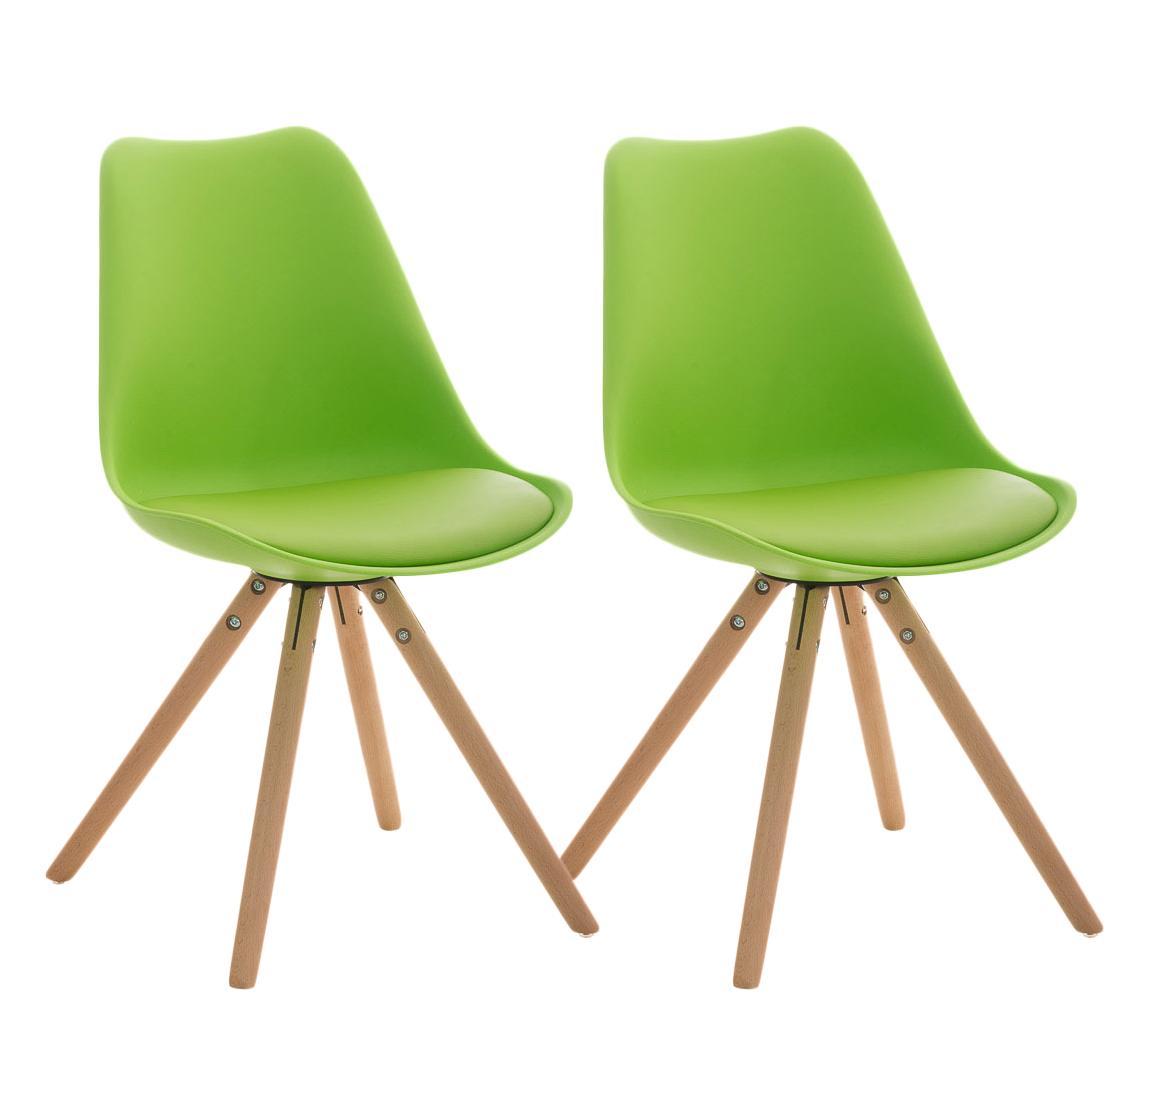 Lote 2 sillas TAYLOR, gran diseño, color verde - Lote 2 Sillas ...